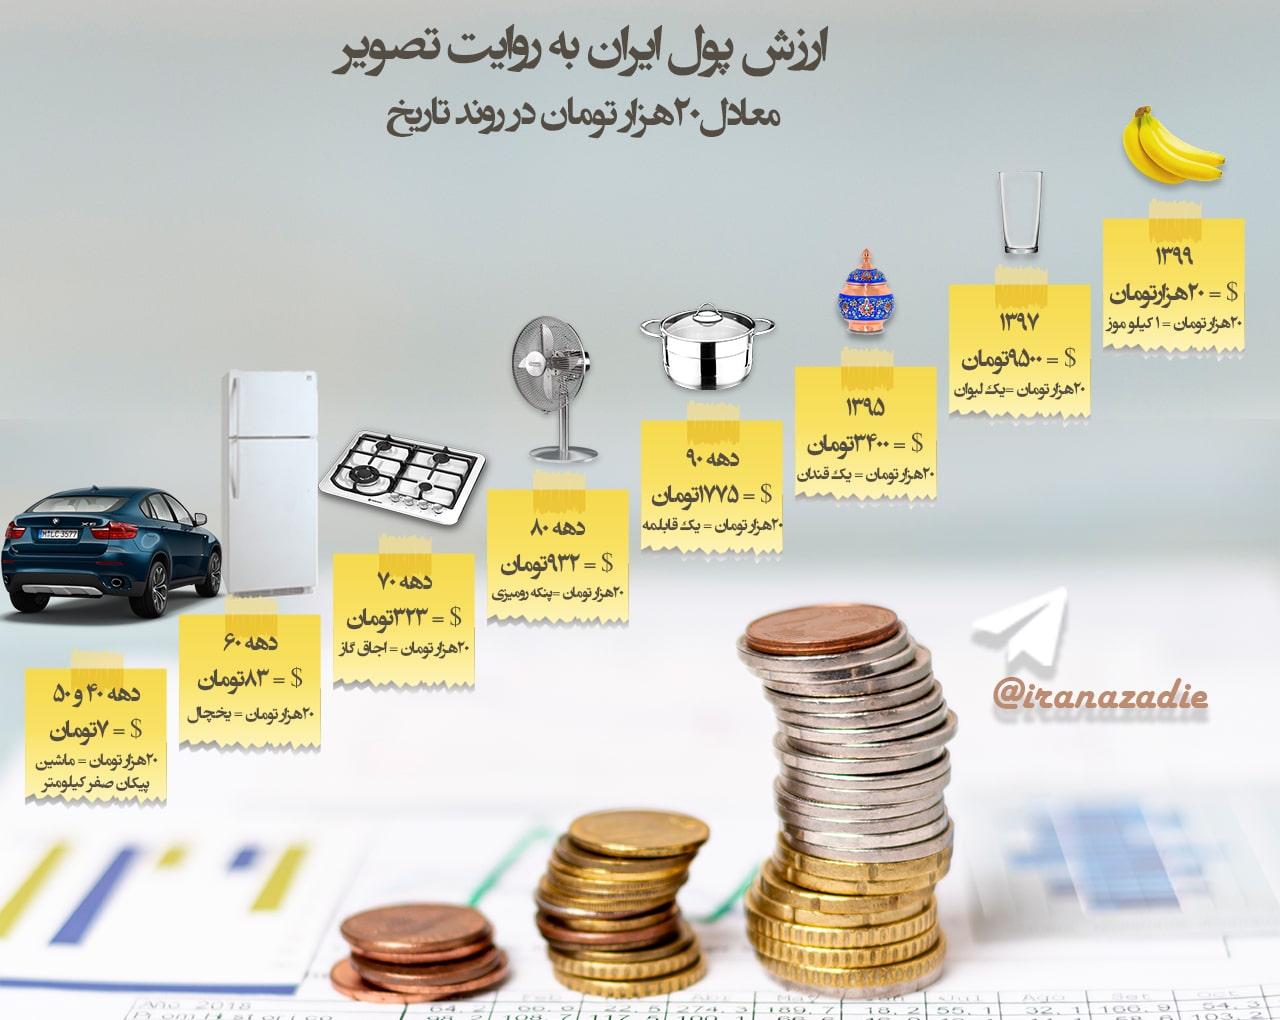 کاهش ارزش پول ملی یعنی چی؟